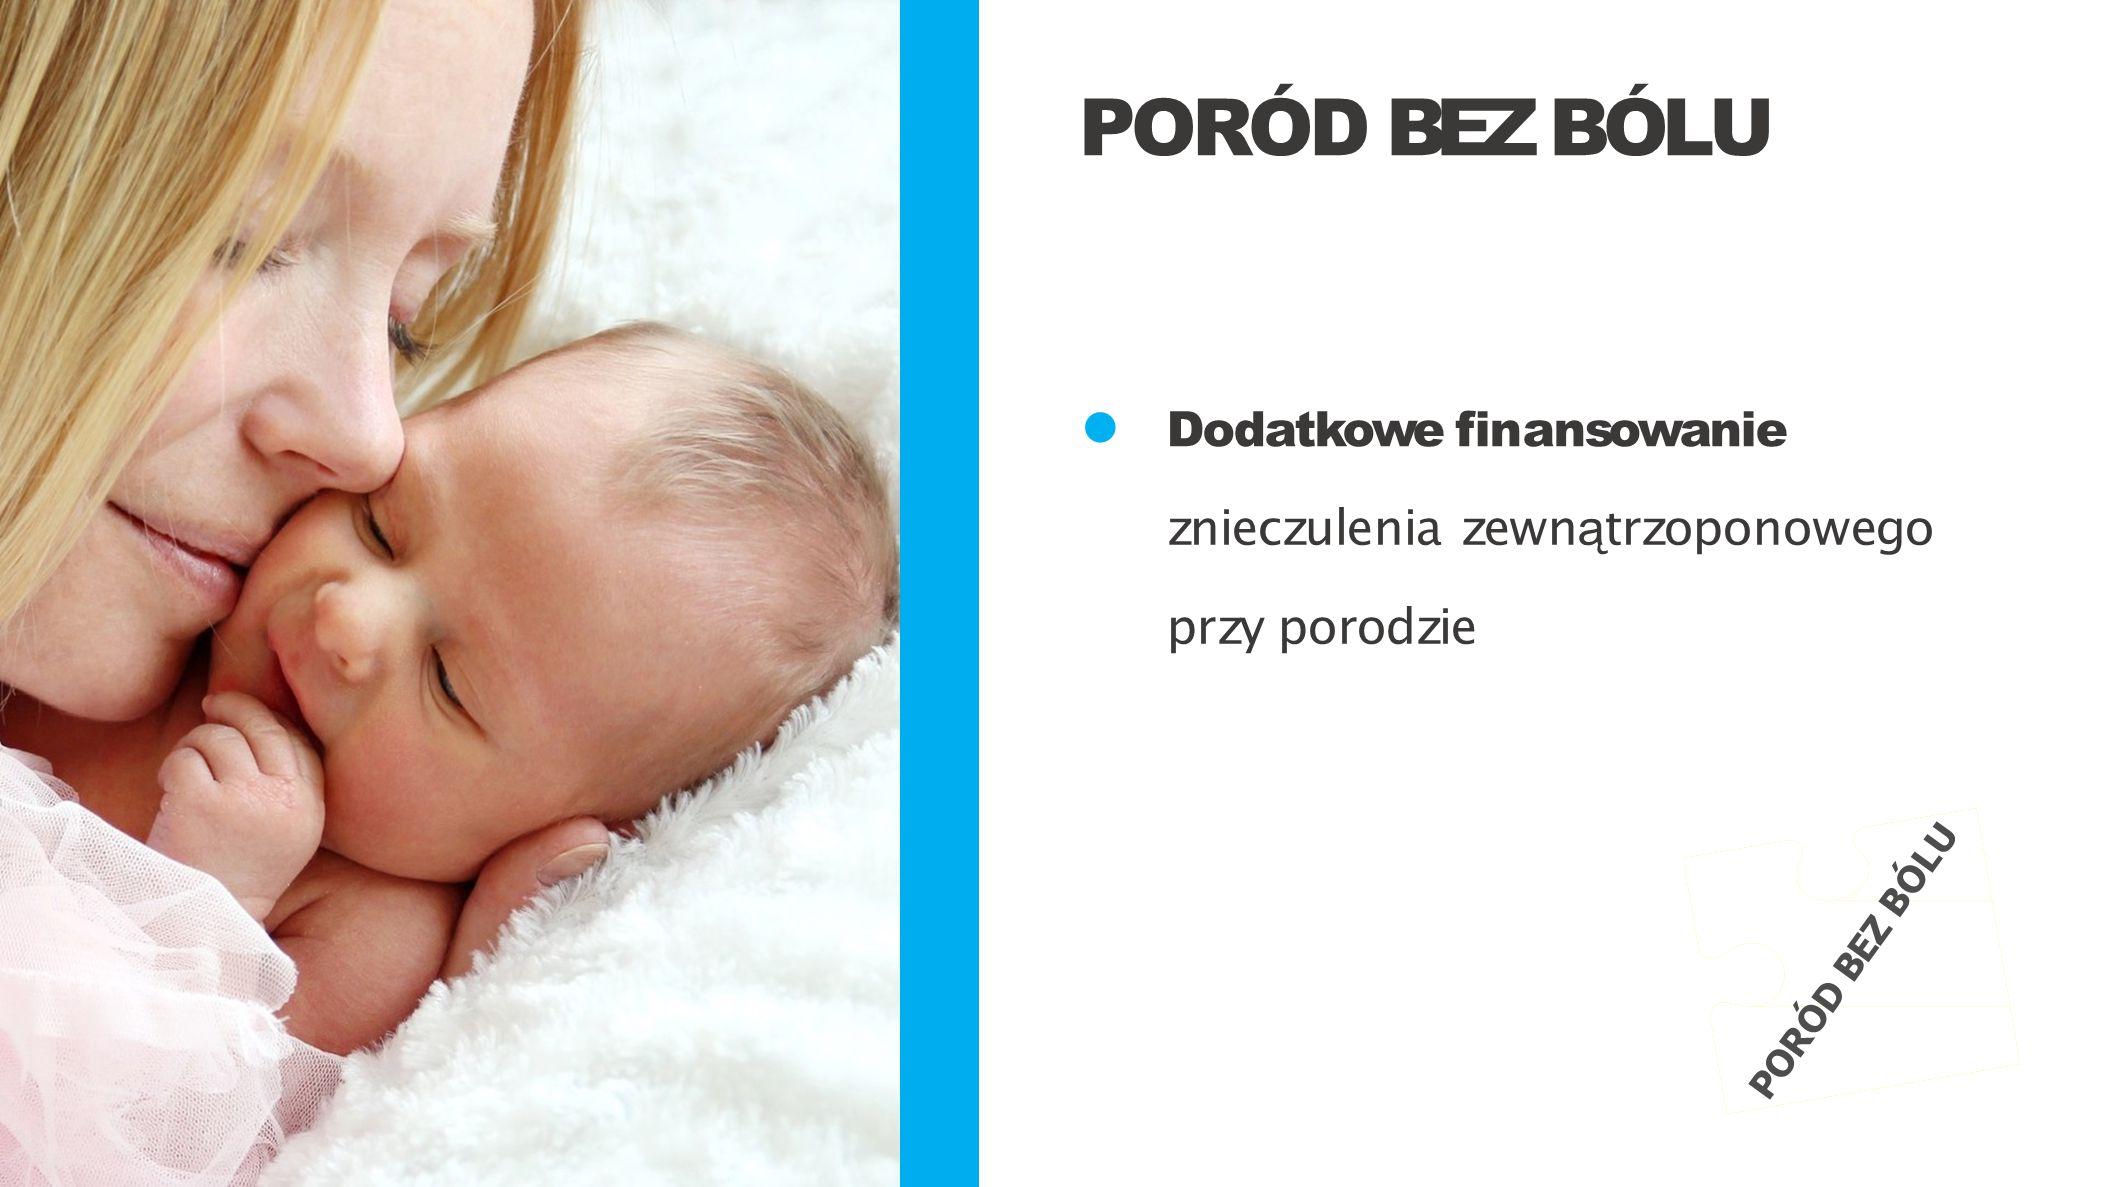 Dodatkowe finansowanie znieczulenia zewn ą trzoponowego przy porodzie PORÓD BEZ BÓLU